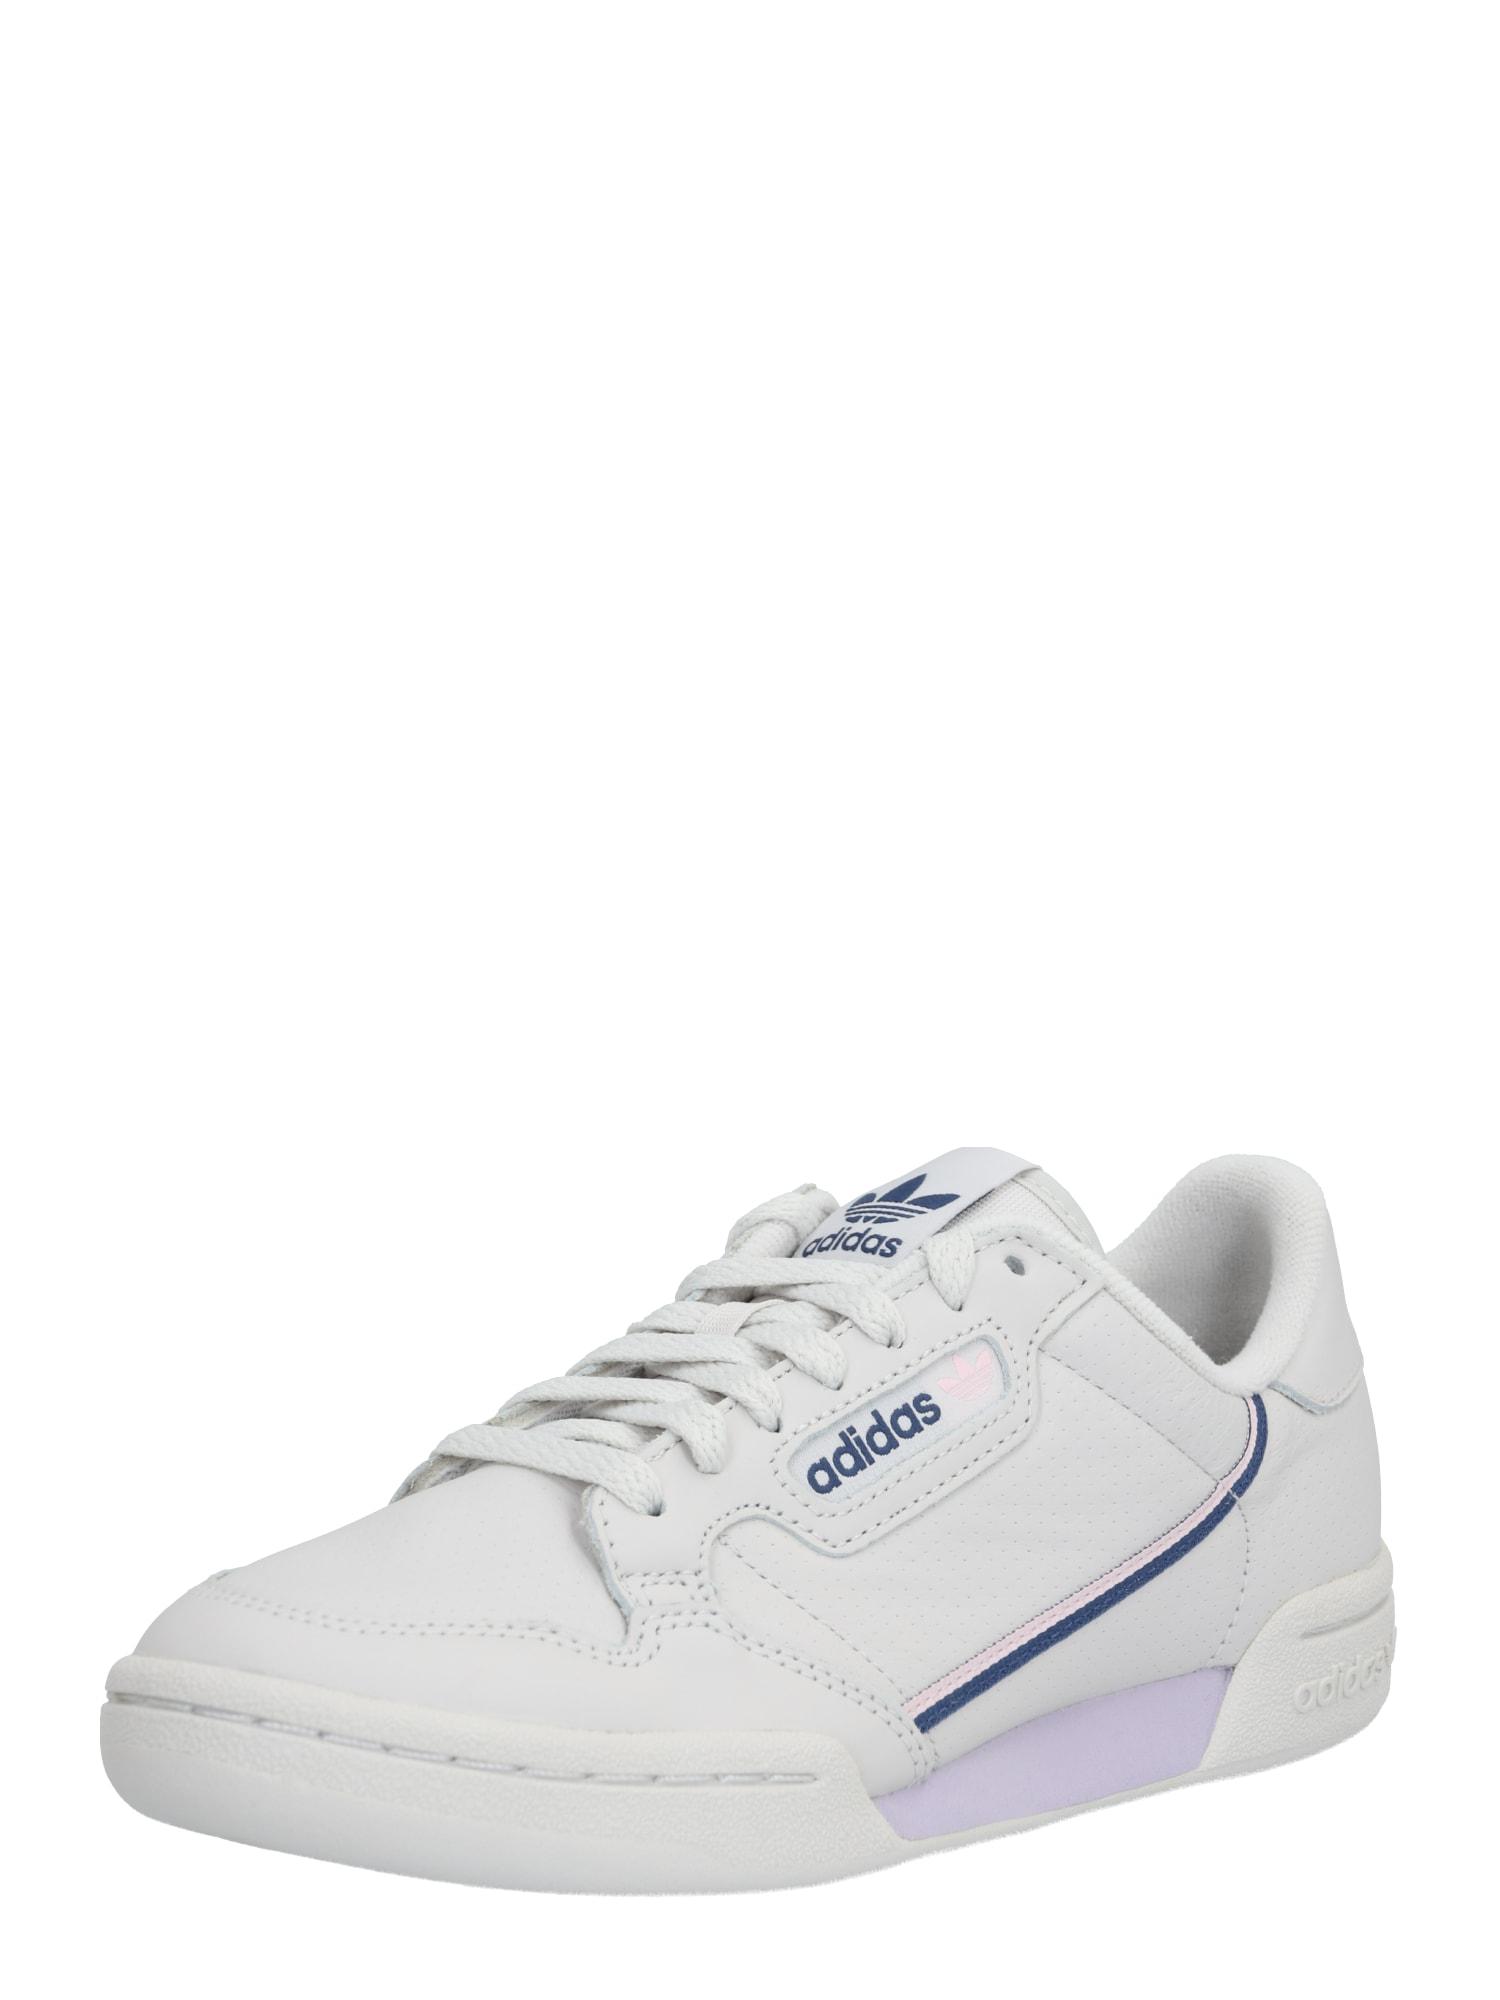 ADIDAS ORIGINALS Nízke tenisky 'Continental 80'  biela / fialová / modré